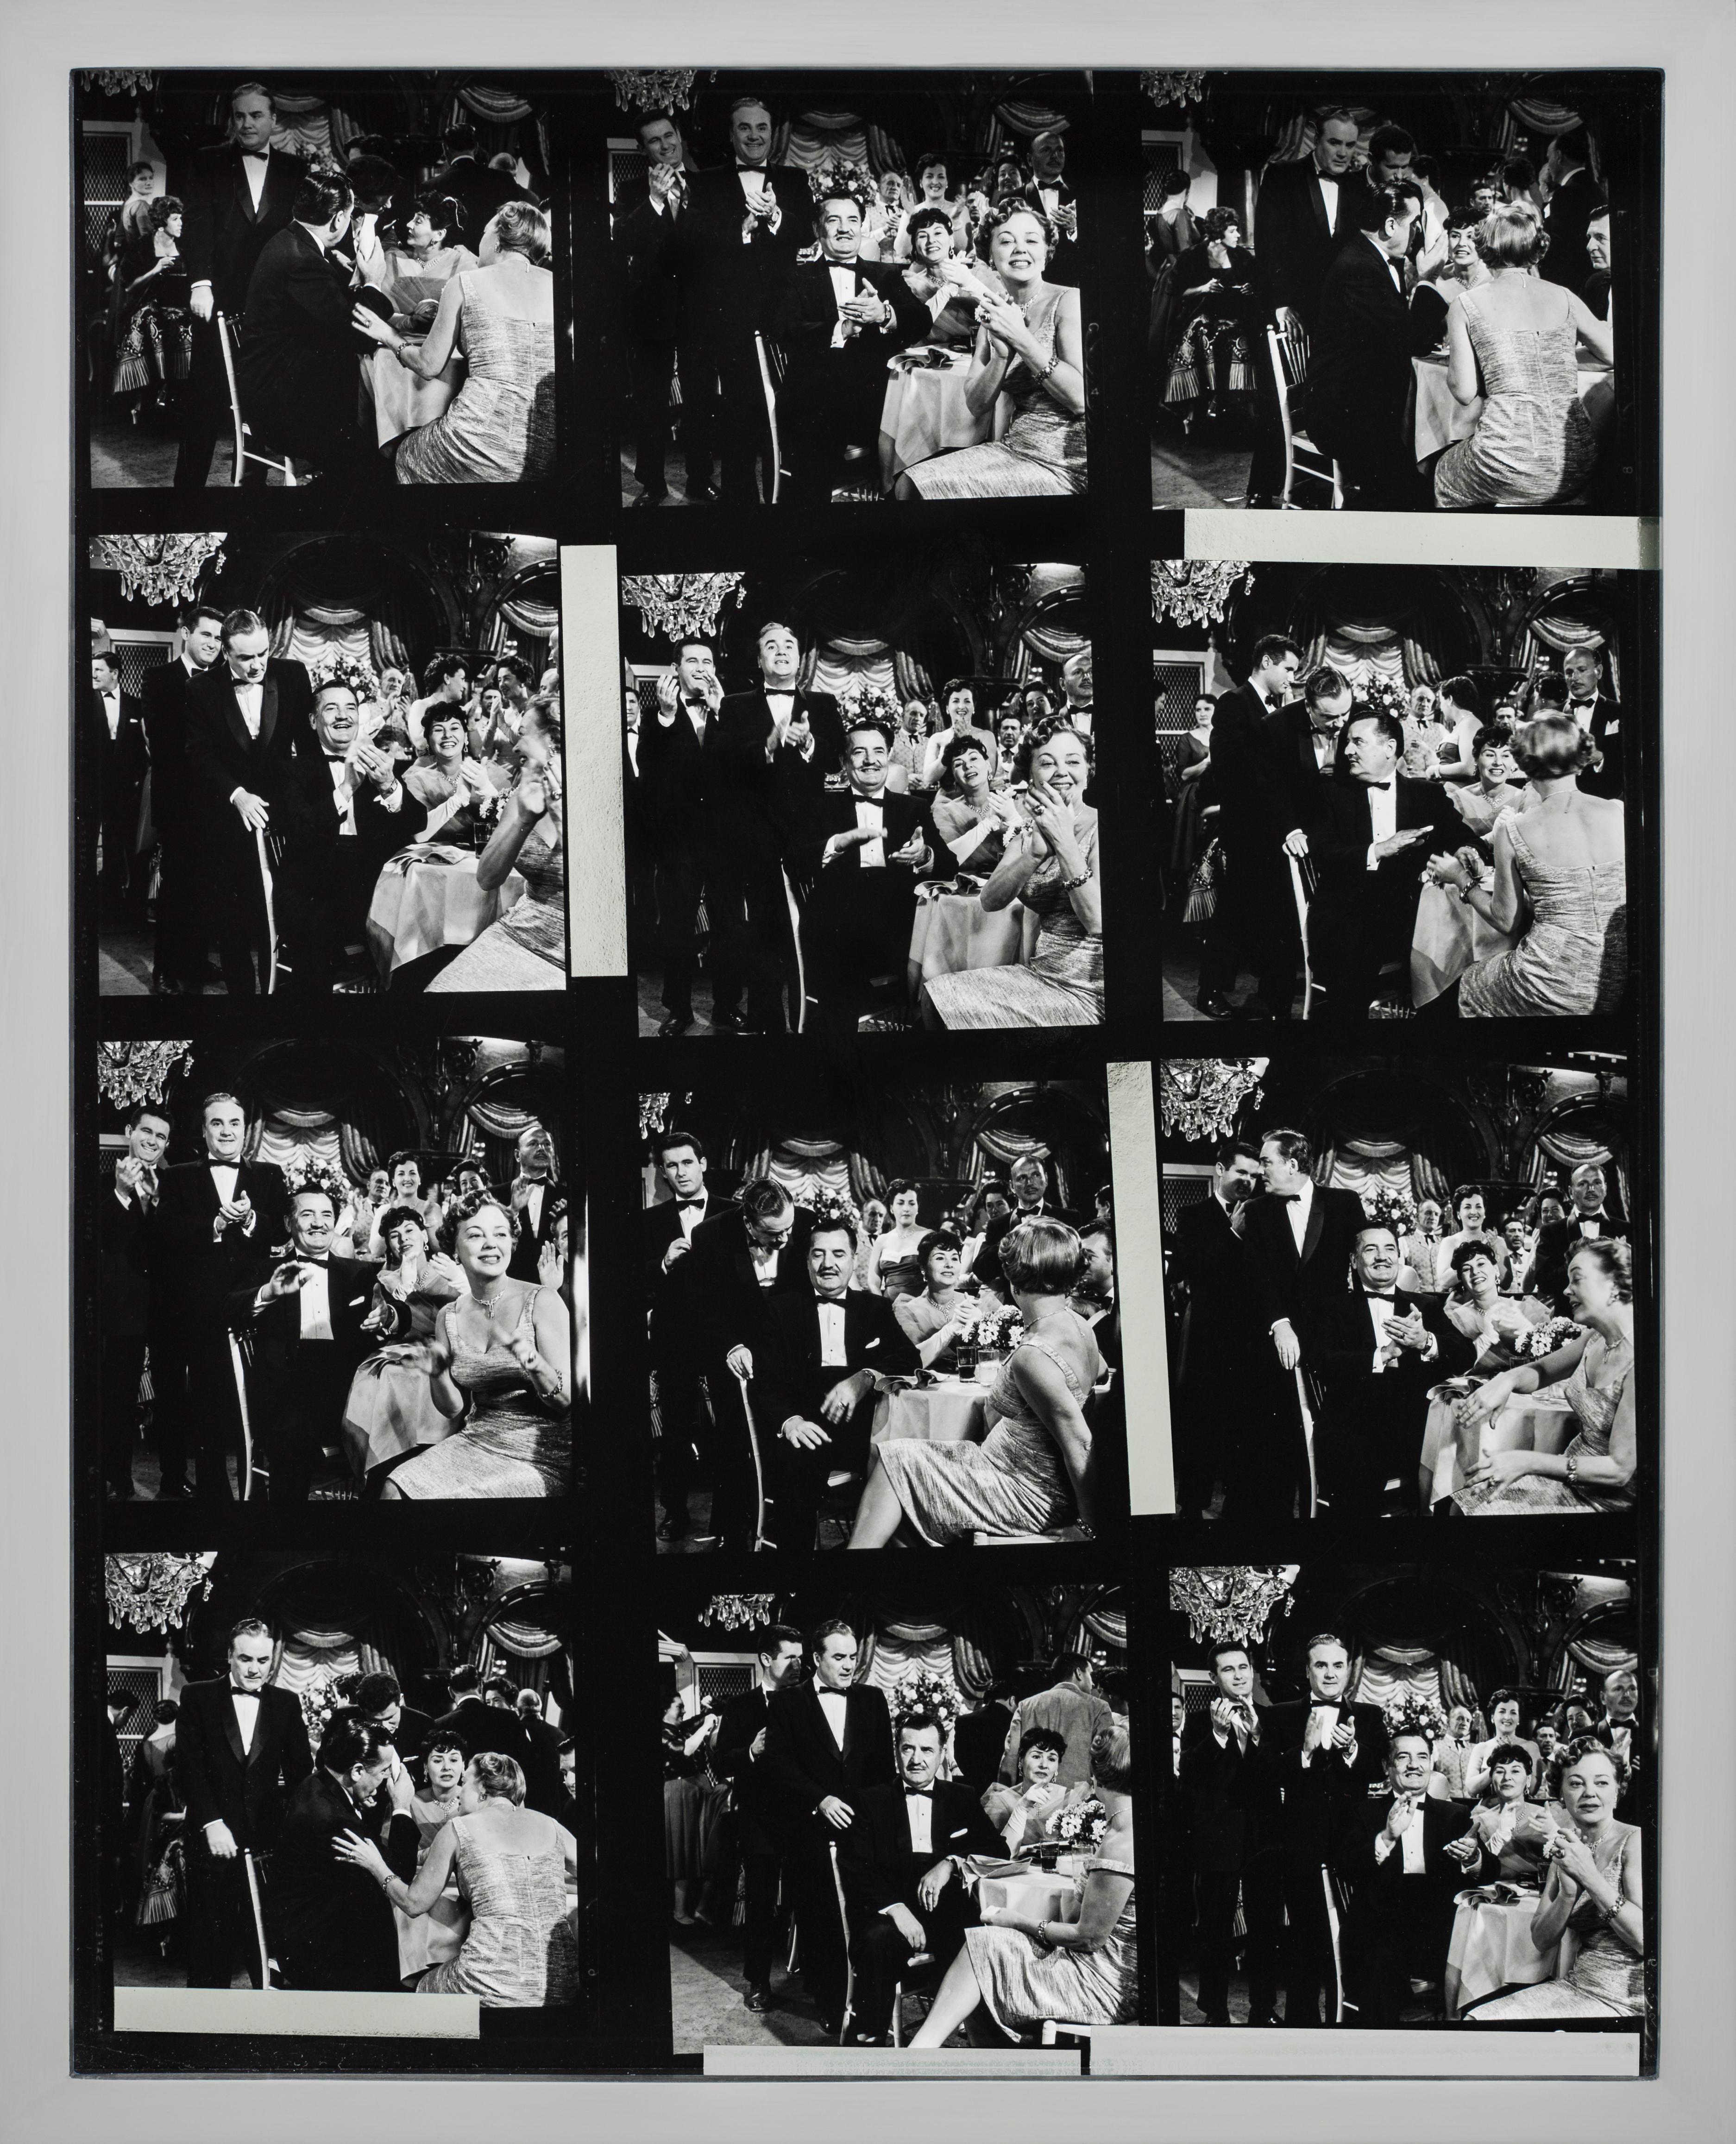 Elad Lassry, Portrait (Gala), 2012  stampa alla gelatina d'argento, cornice in alluminio, cm 26x20,9x3,8, opera unica. Courtesy Massimo De Carlo